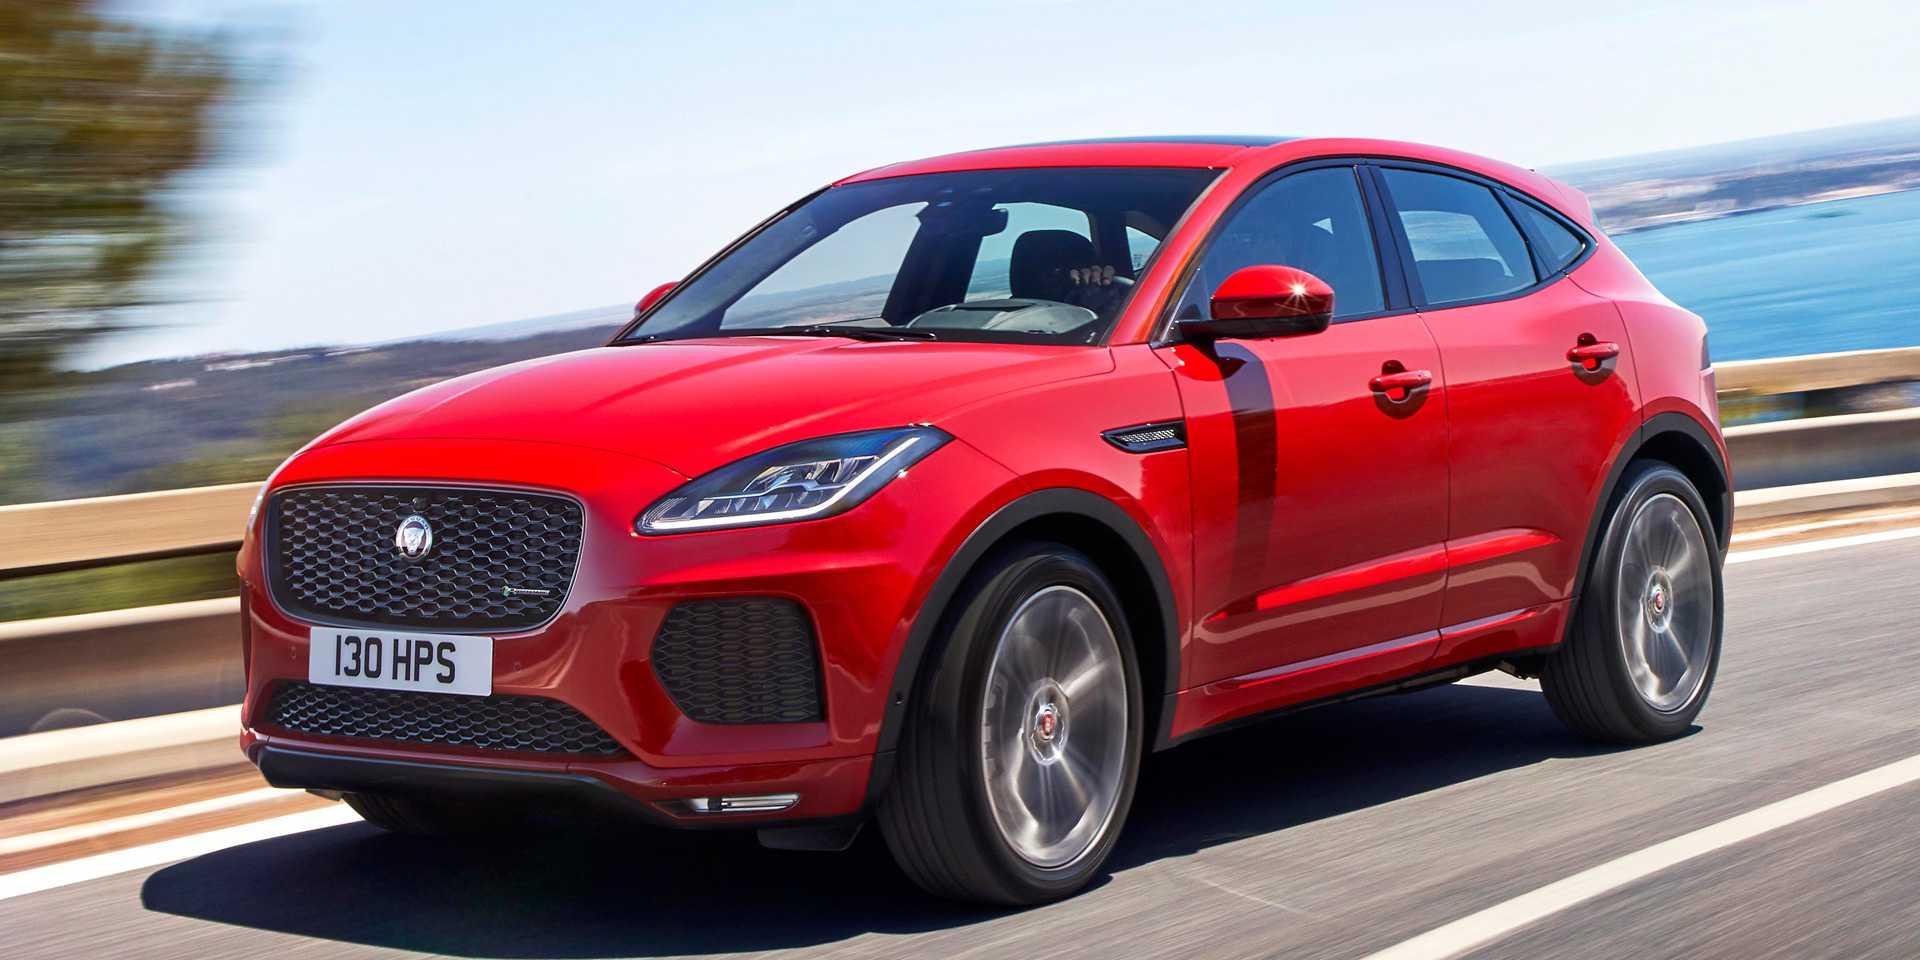 Jaguar e-pace 2018: характеристики, цена, фото и видео-обзор